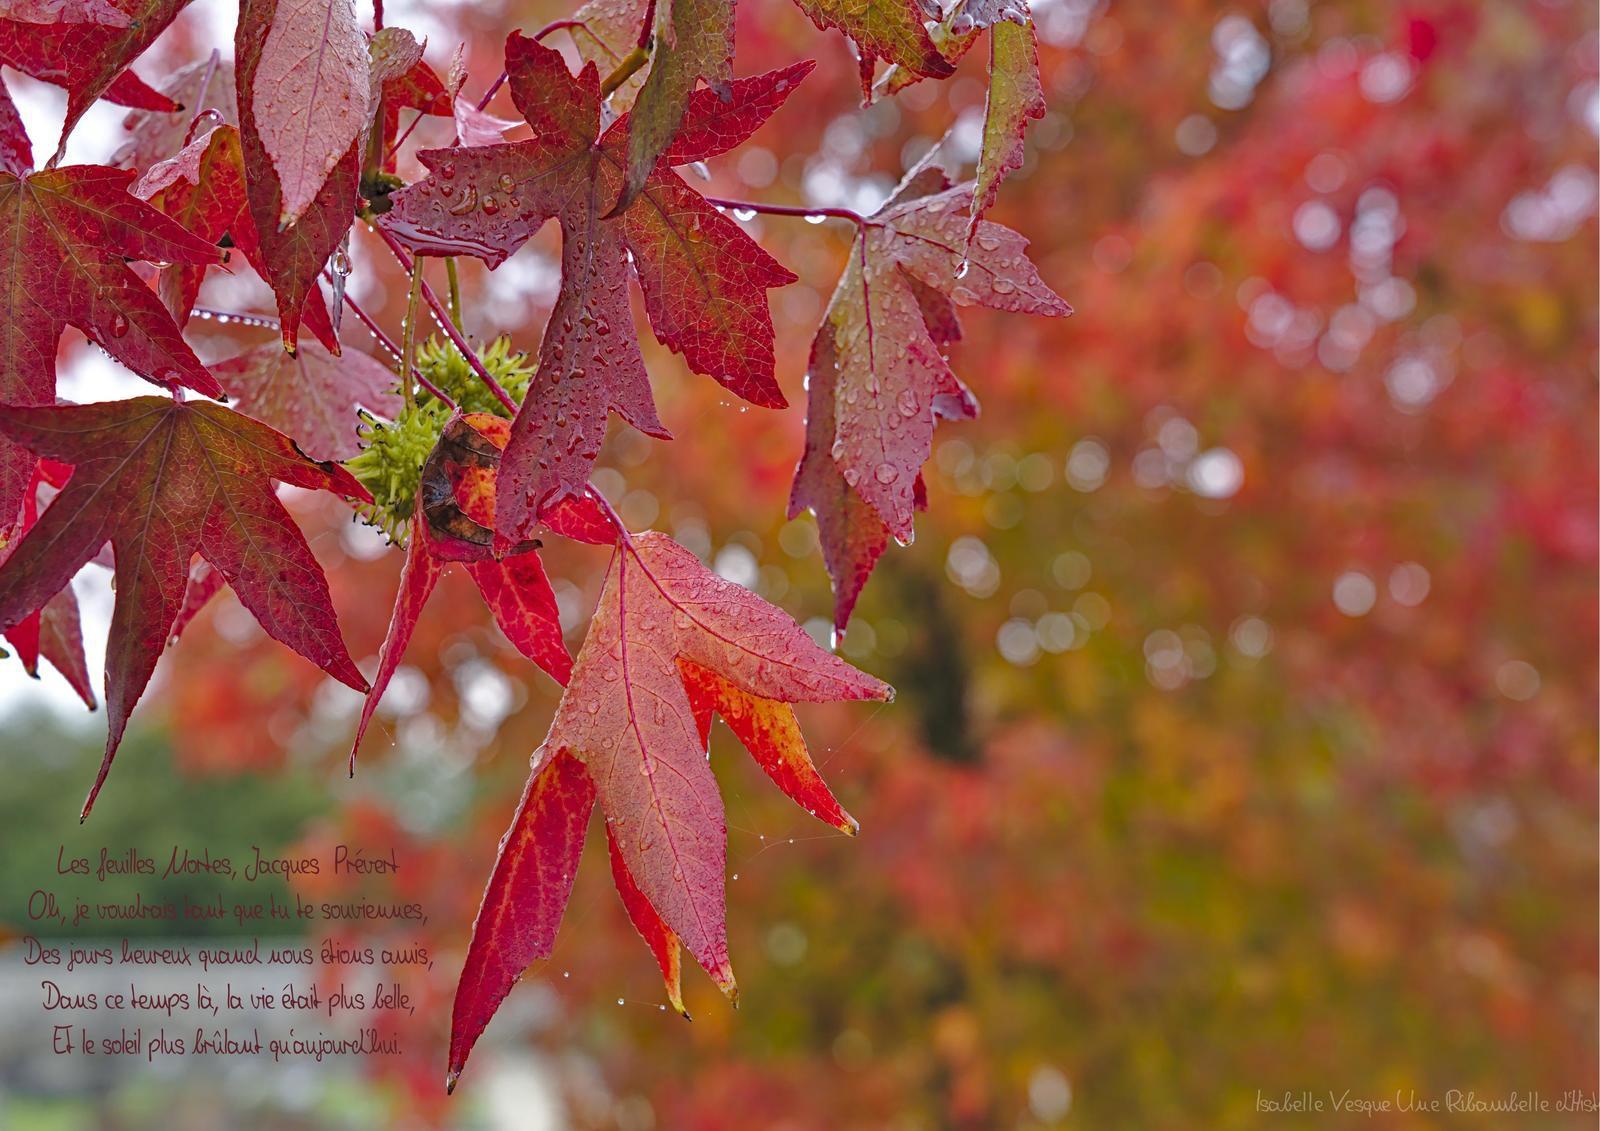 Poésie - les feuilles mortes -